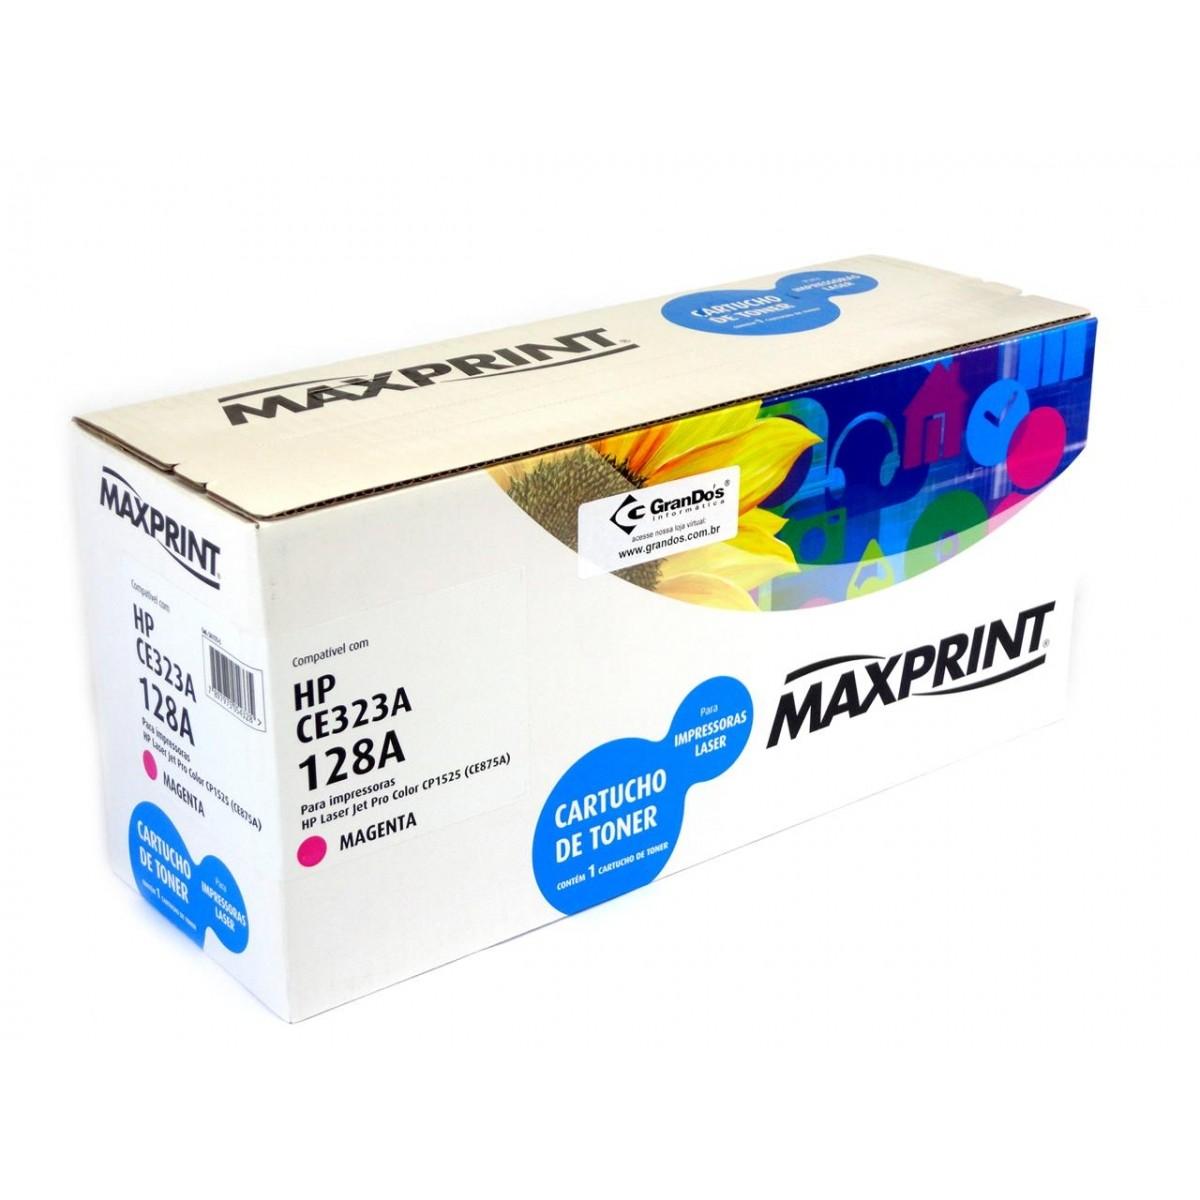 TONER COMPATIVEL COM HP 128A MAGENTA 561175-5 MAXPRINT